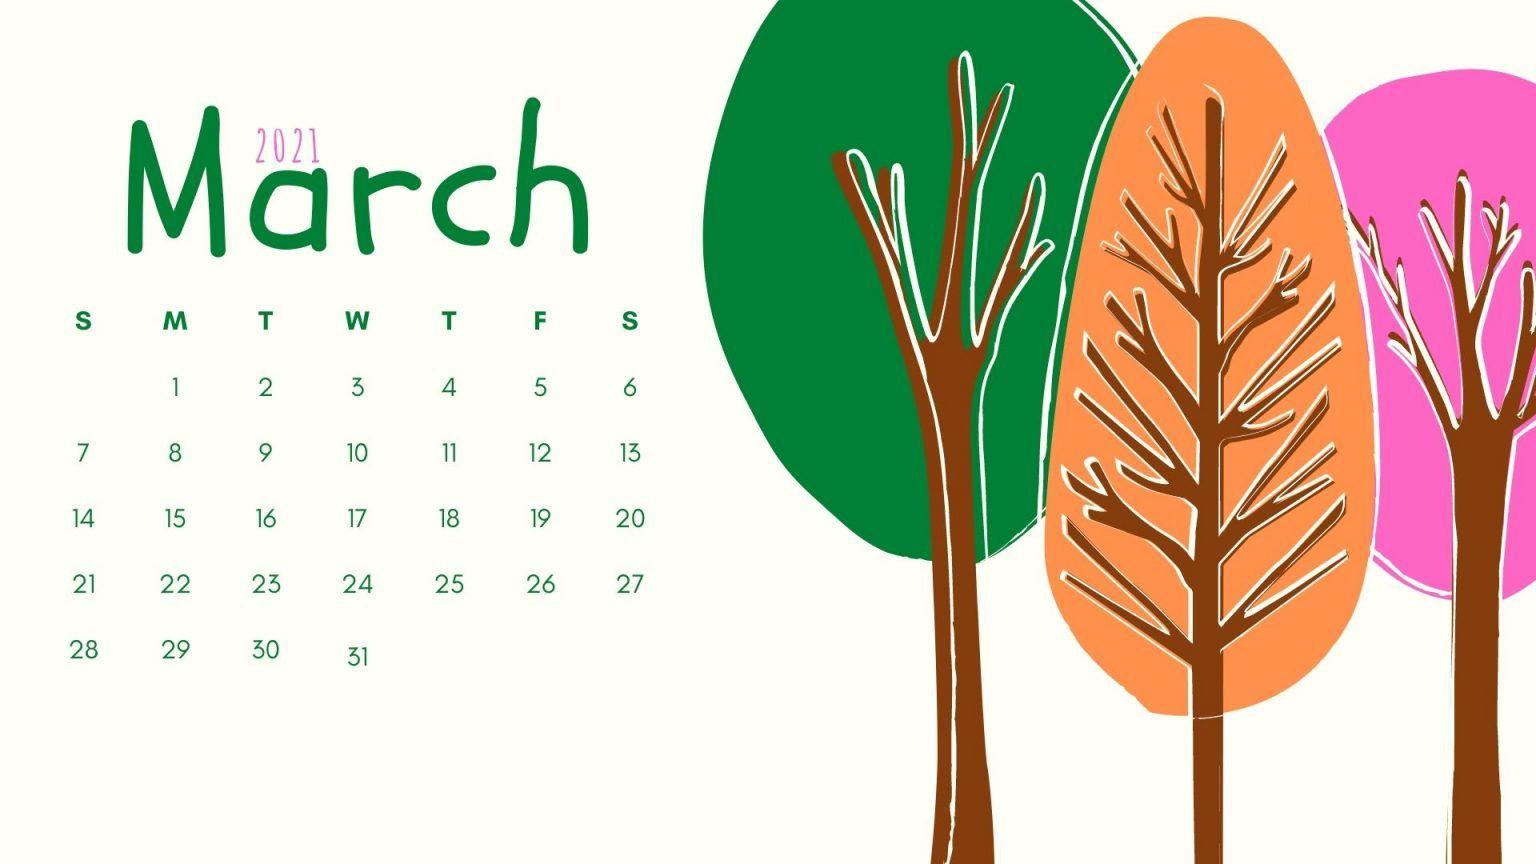 March 2021 Wallpaper Calendar Printable